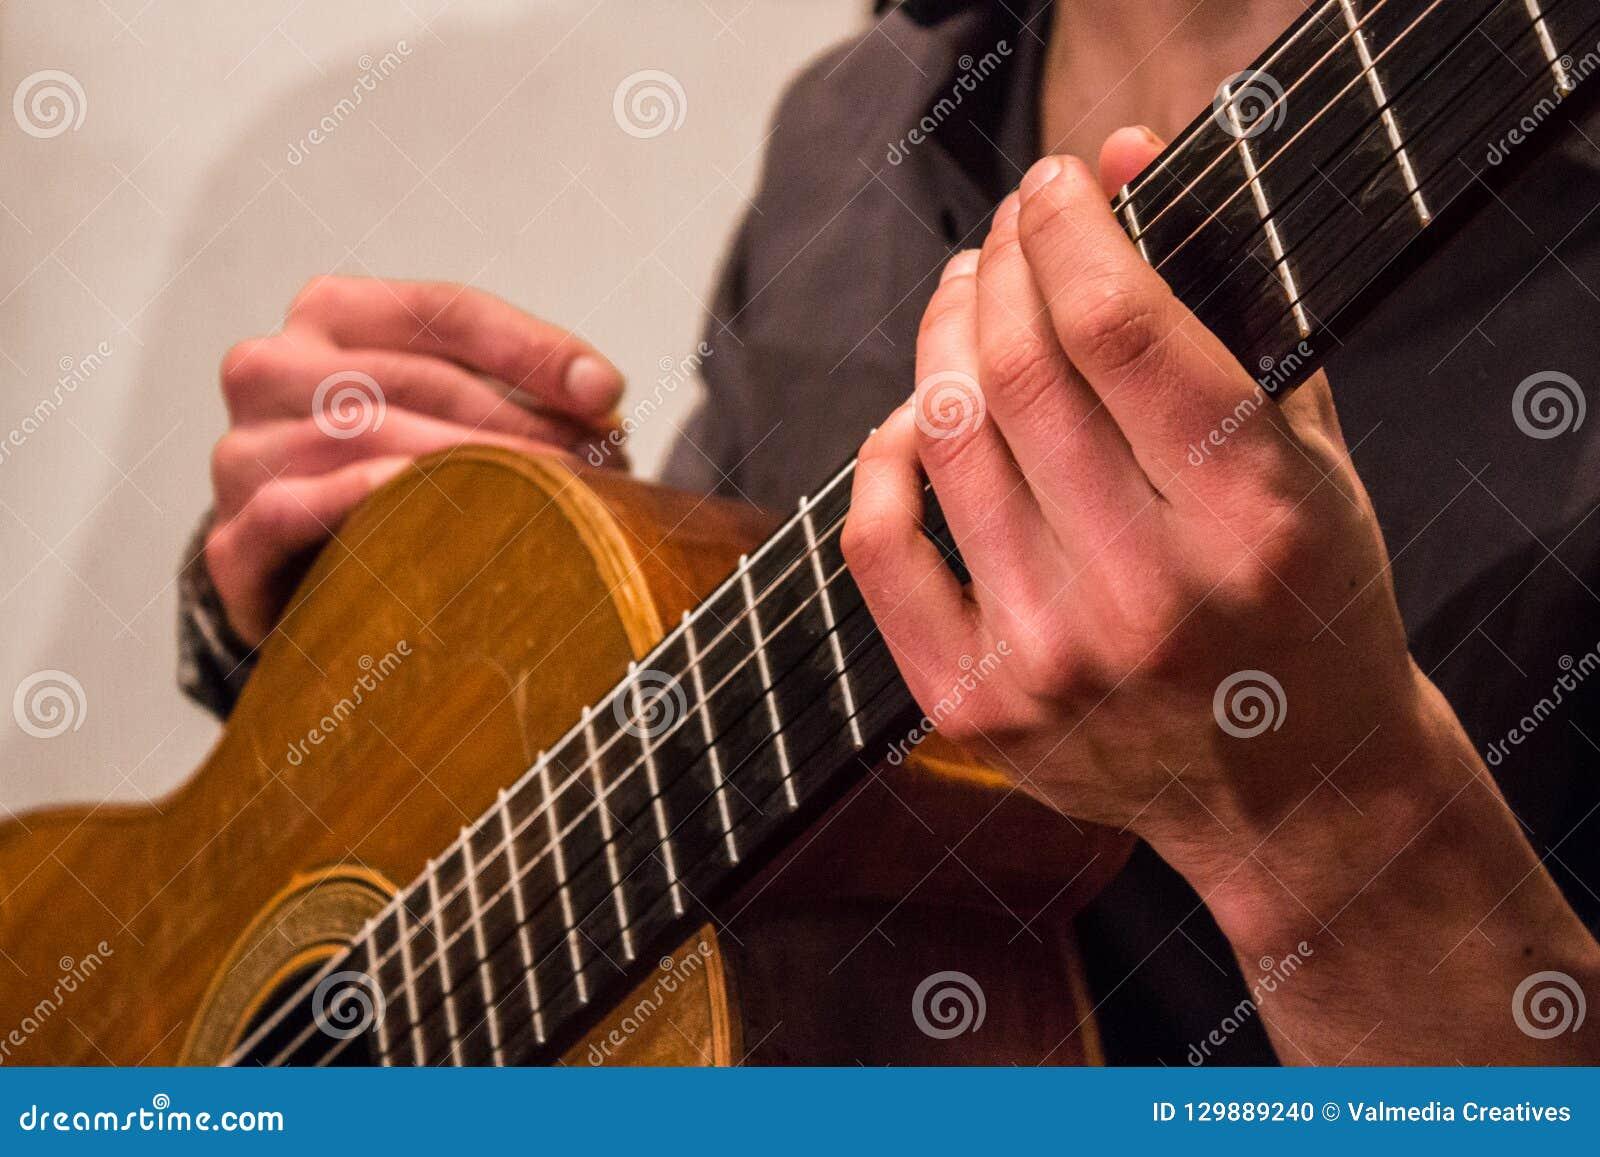 O guitarrista de afiliação étnica misturada está guardando uma guitarra clássica feito a mão velha